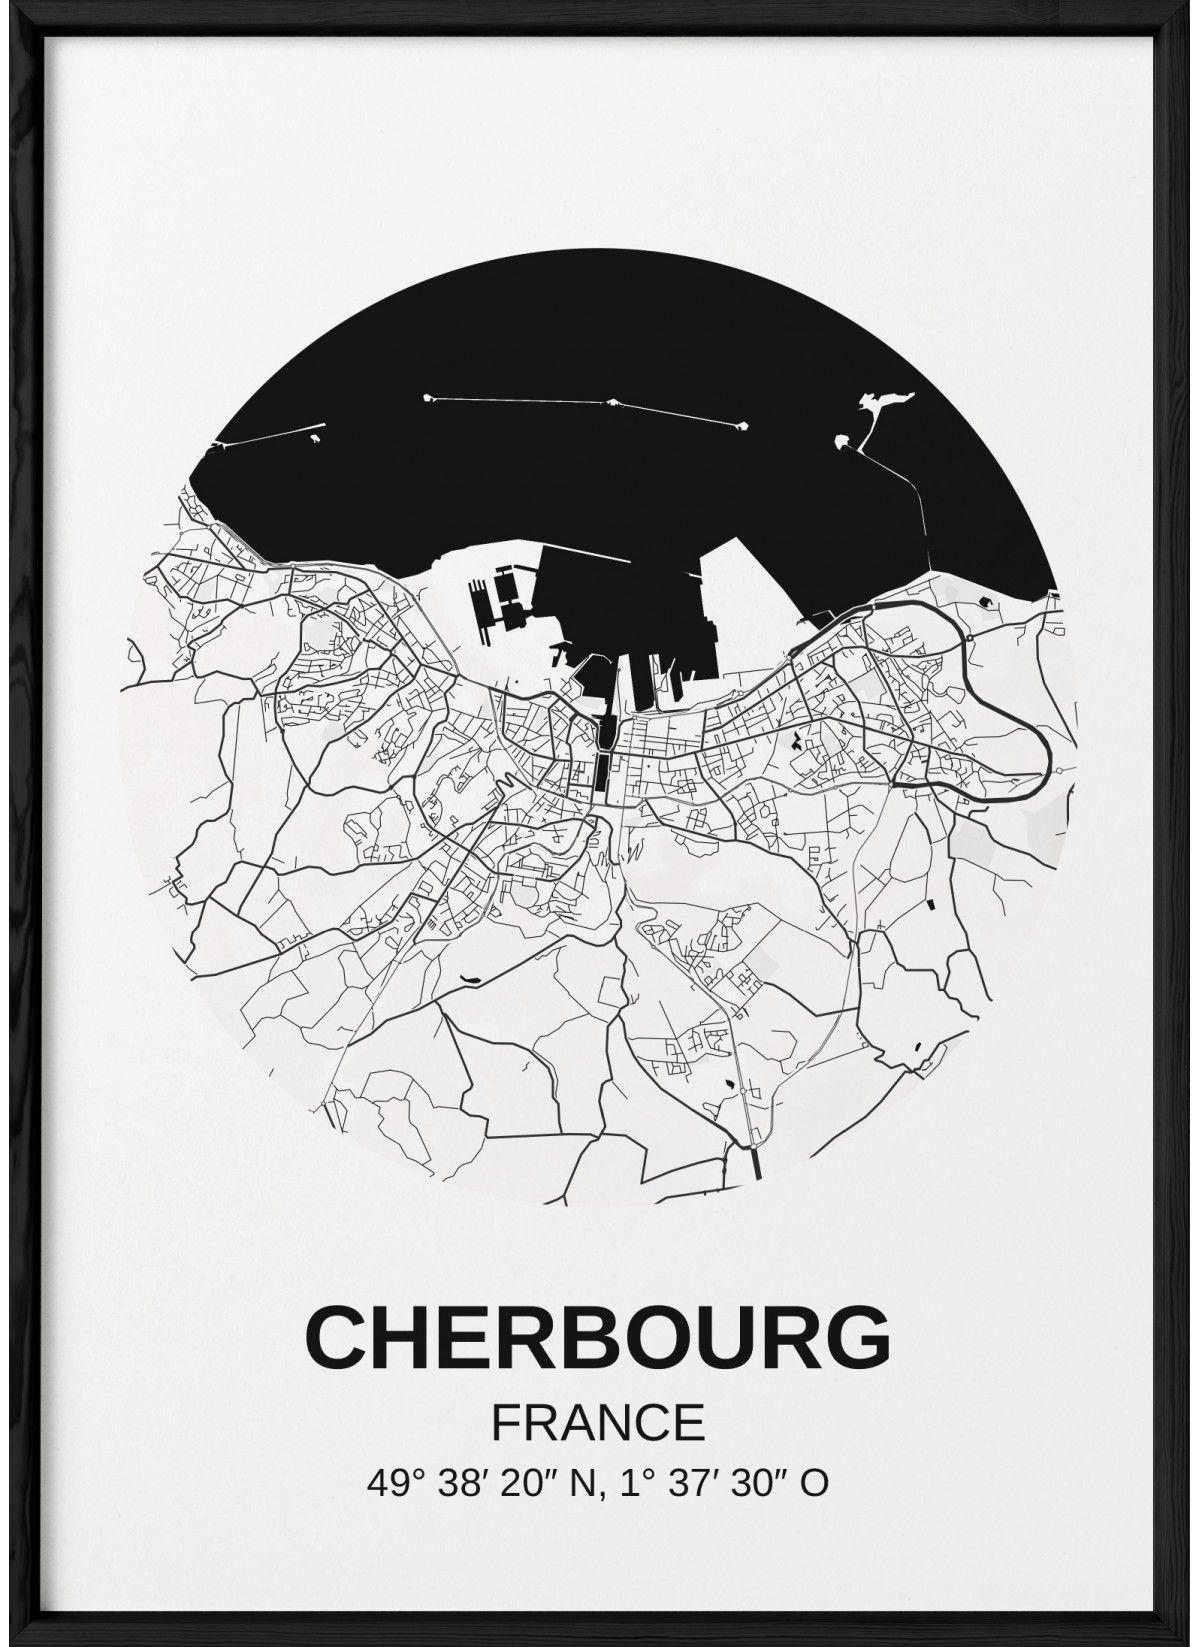 27+ Salon du tatouage cherbourg ideas